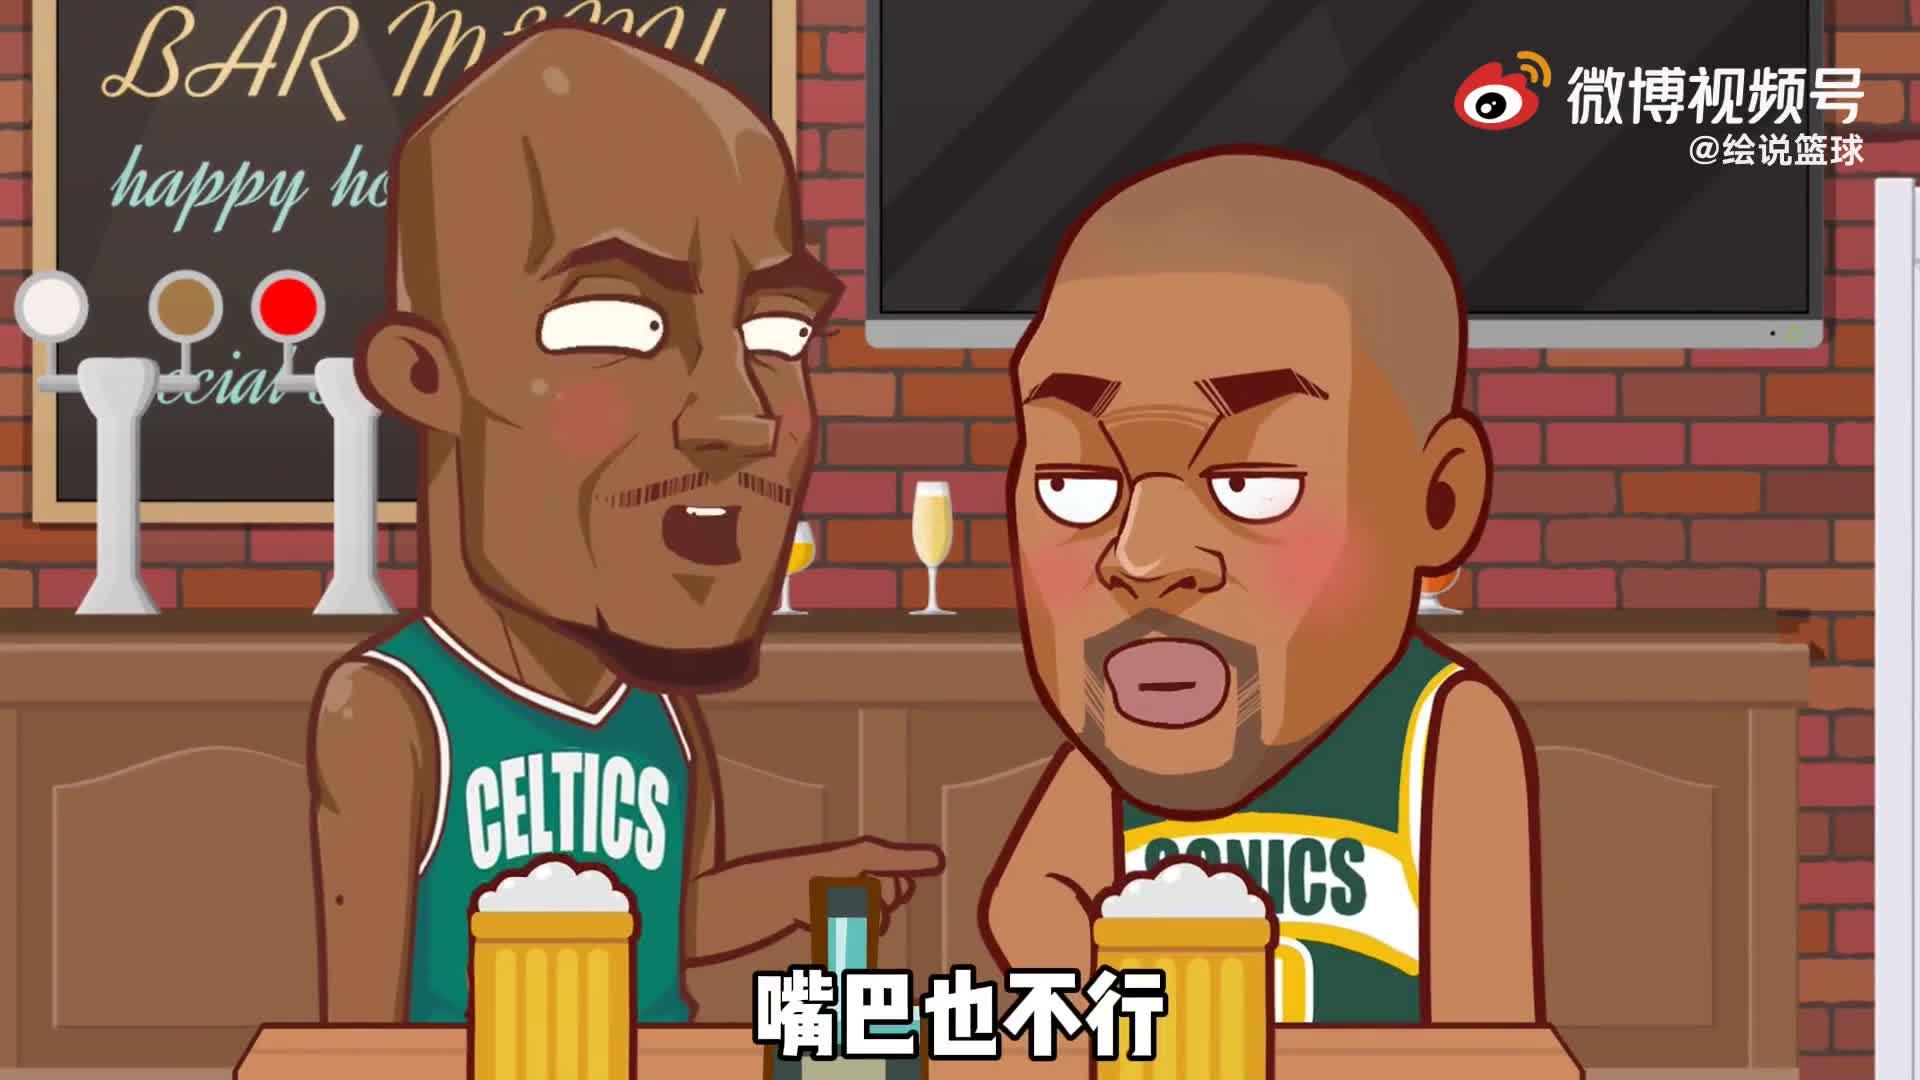 绘说篮球:新老球员垃圾话谁更强?